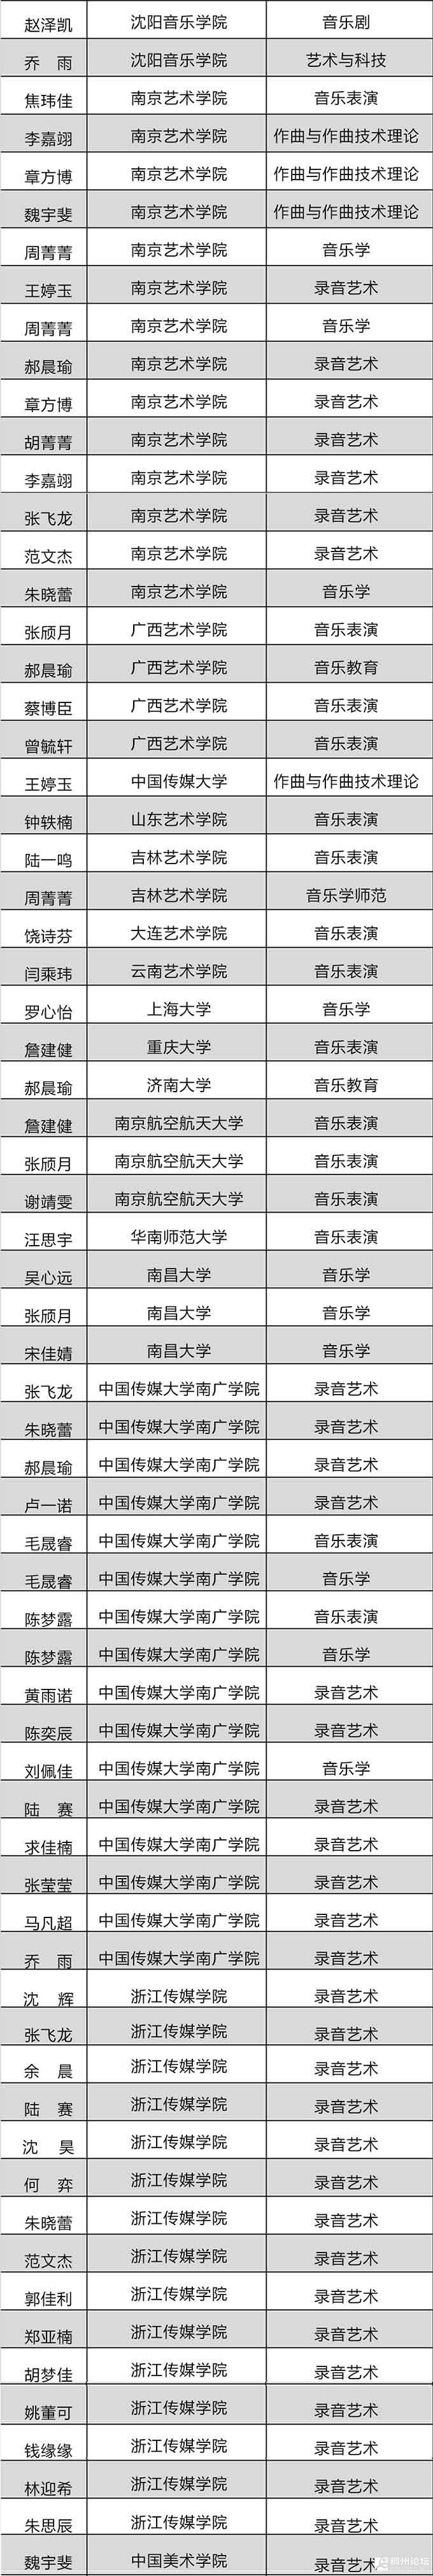 成绩总表_02.jpg